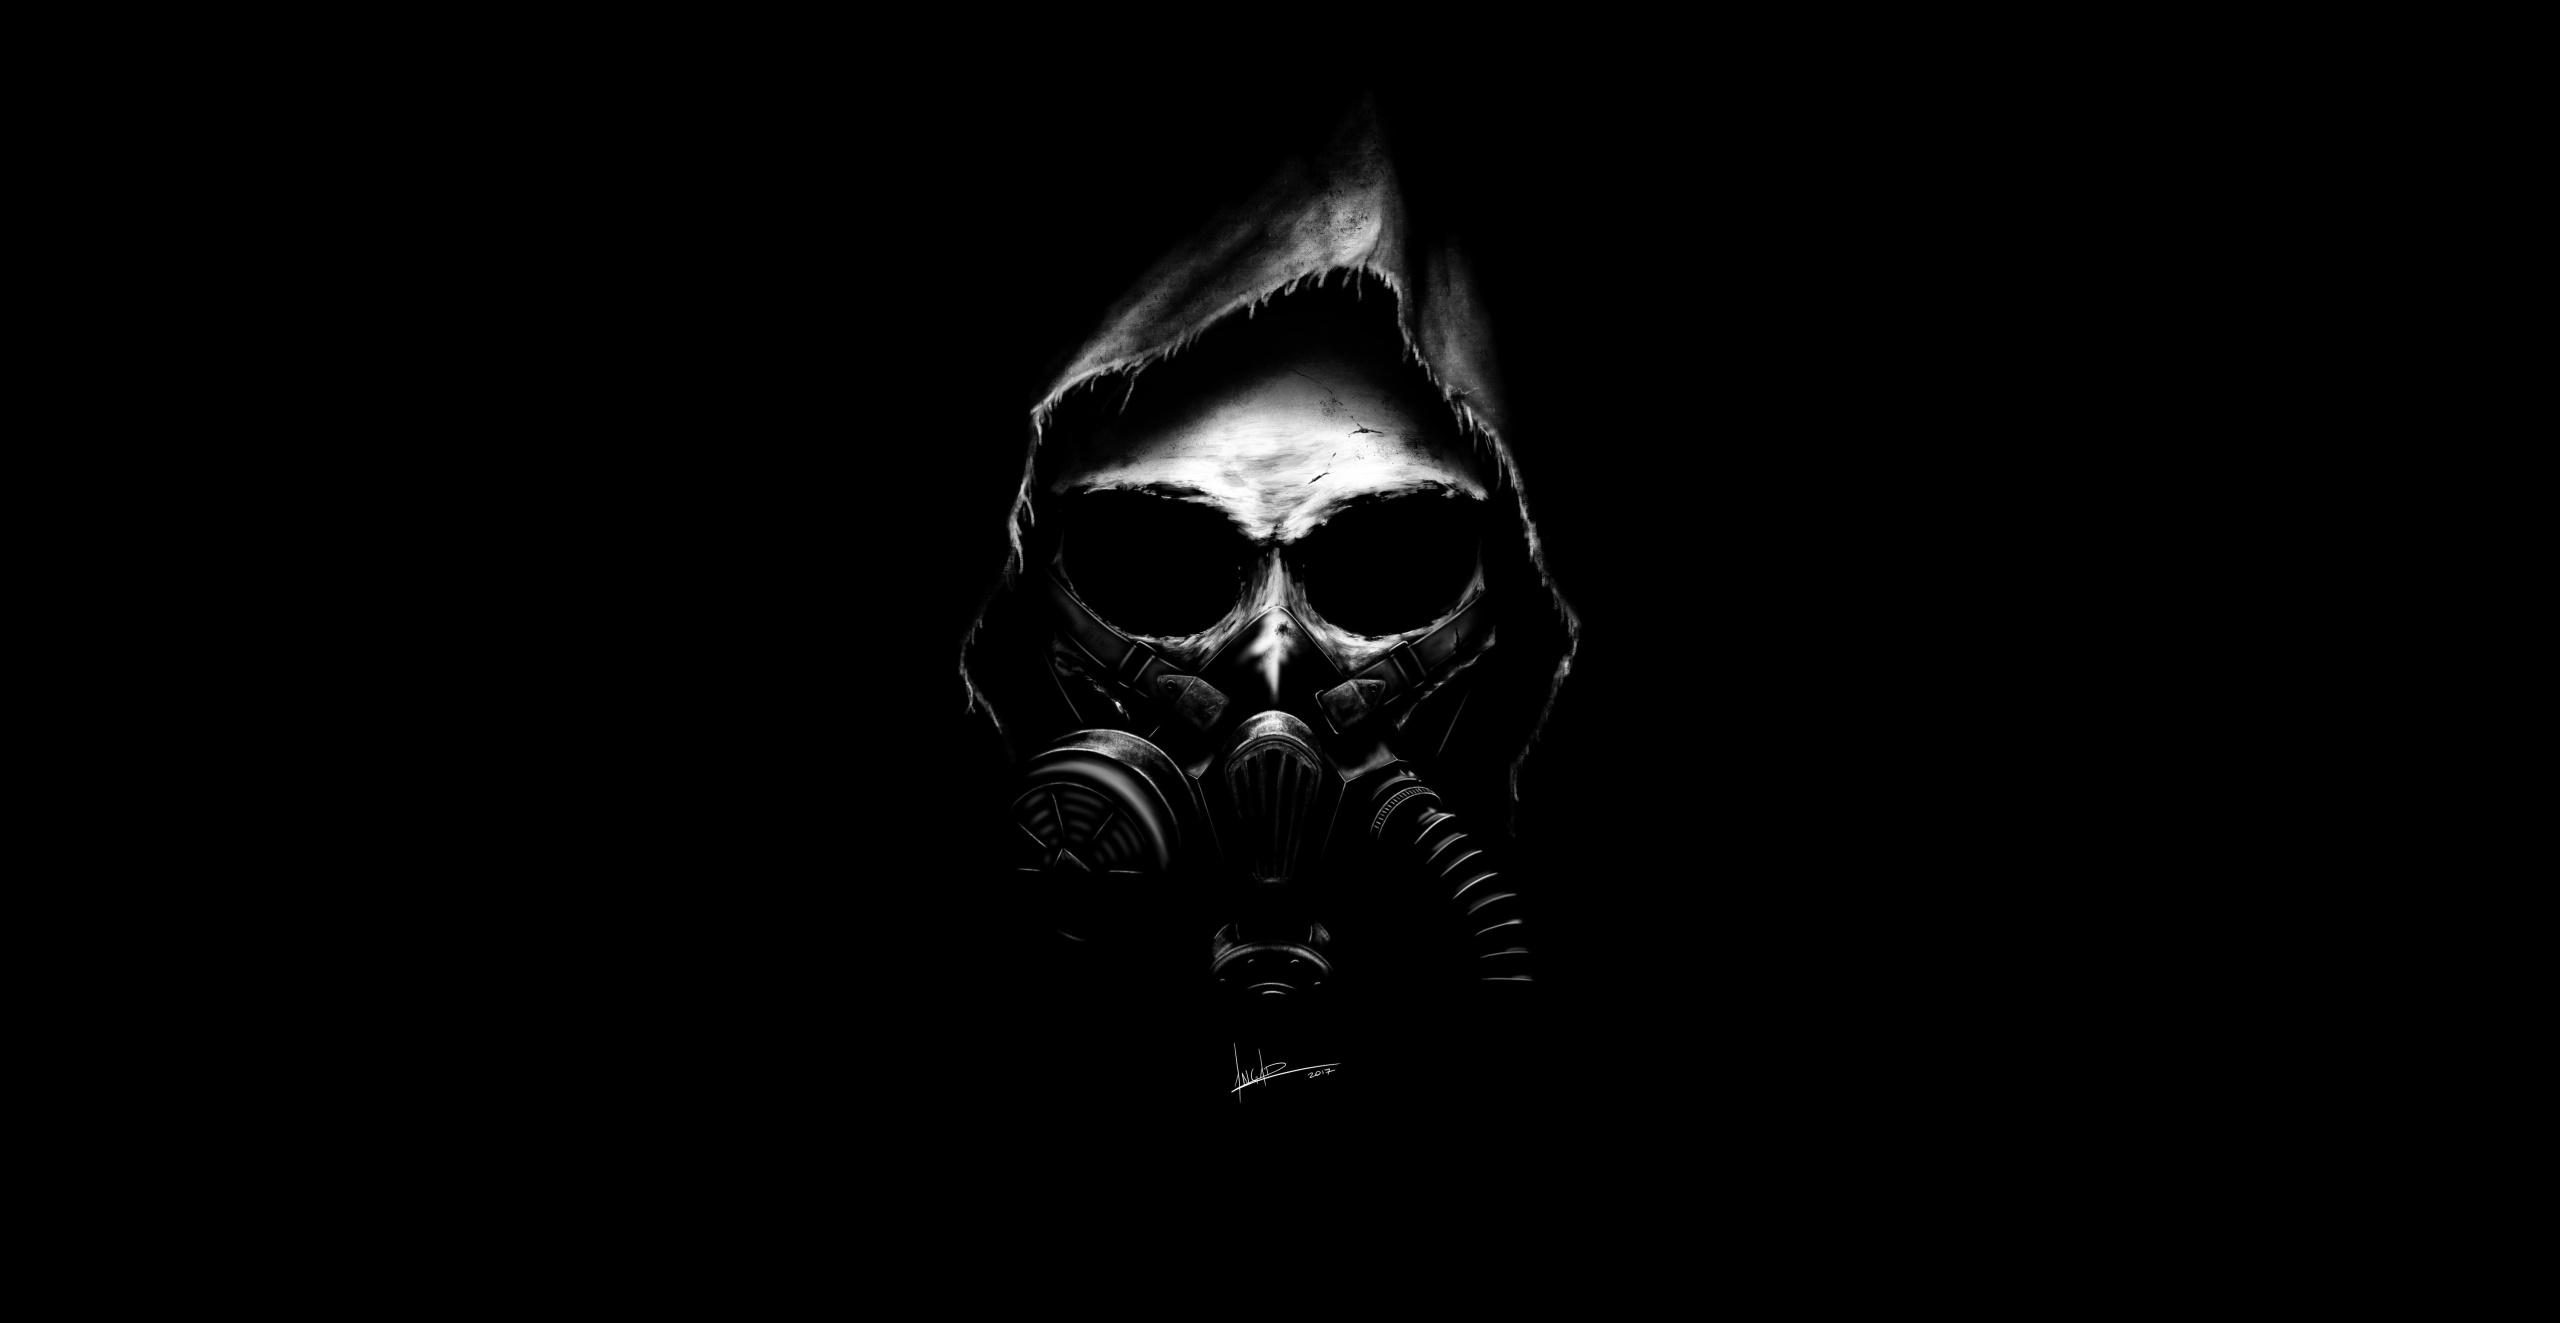 Wallpaper 2017 Year Skull Dark Artwork Gas Masks